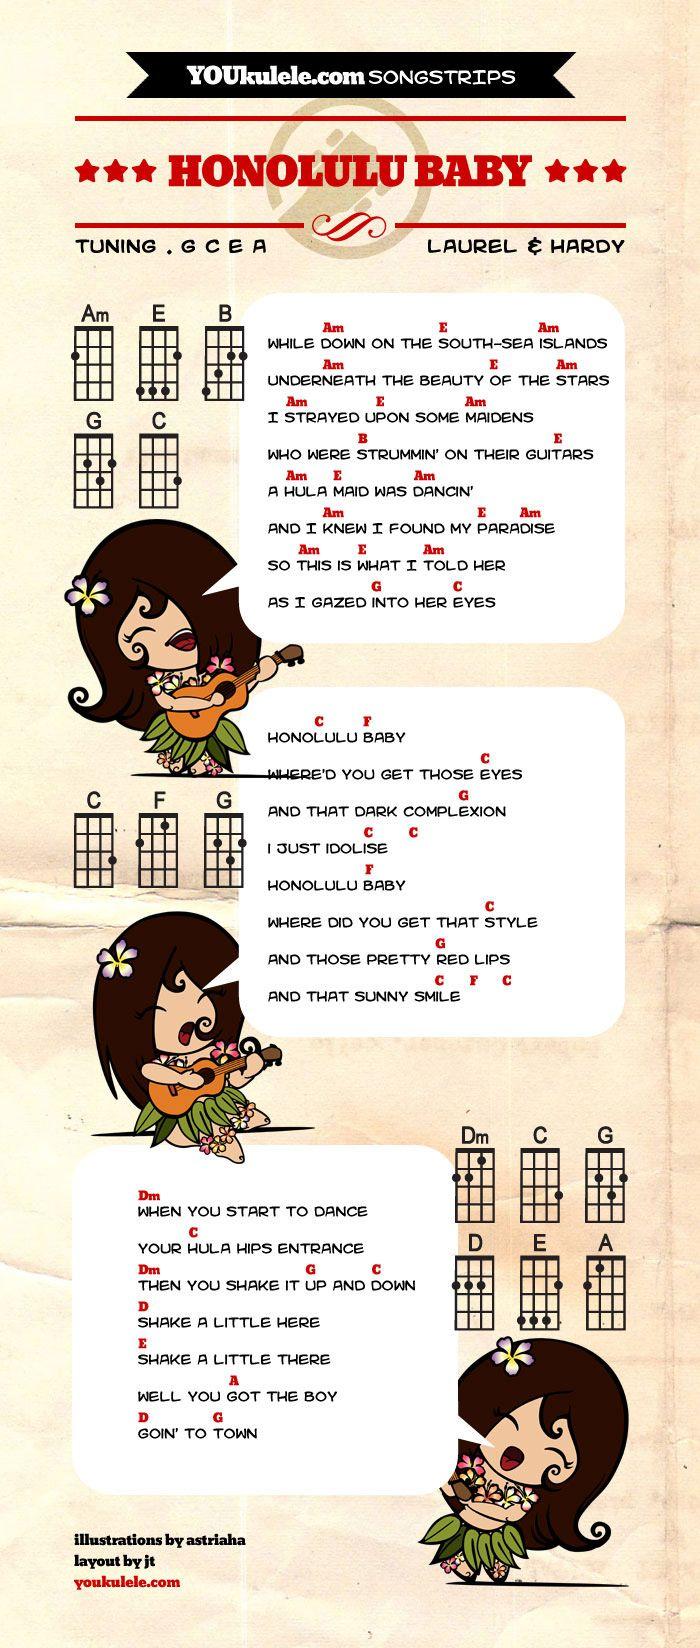 159 best ukulele lessons tips images on pinterest music honolulu baby ukulelechords songstrips hexwebz Choice Image